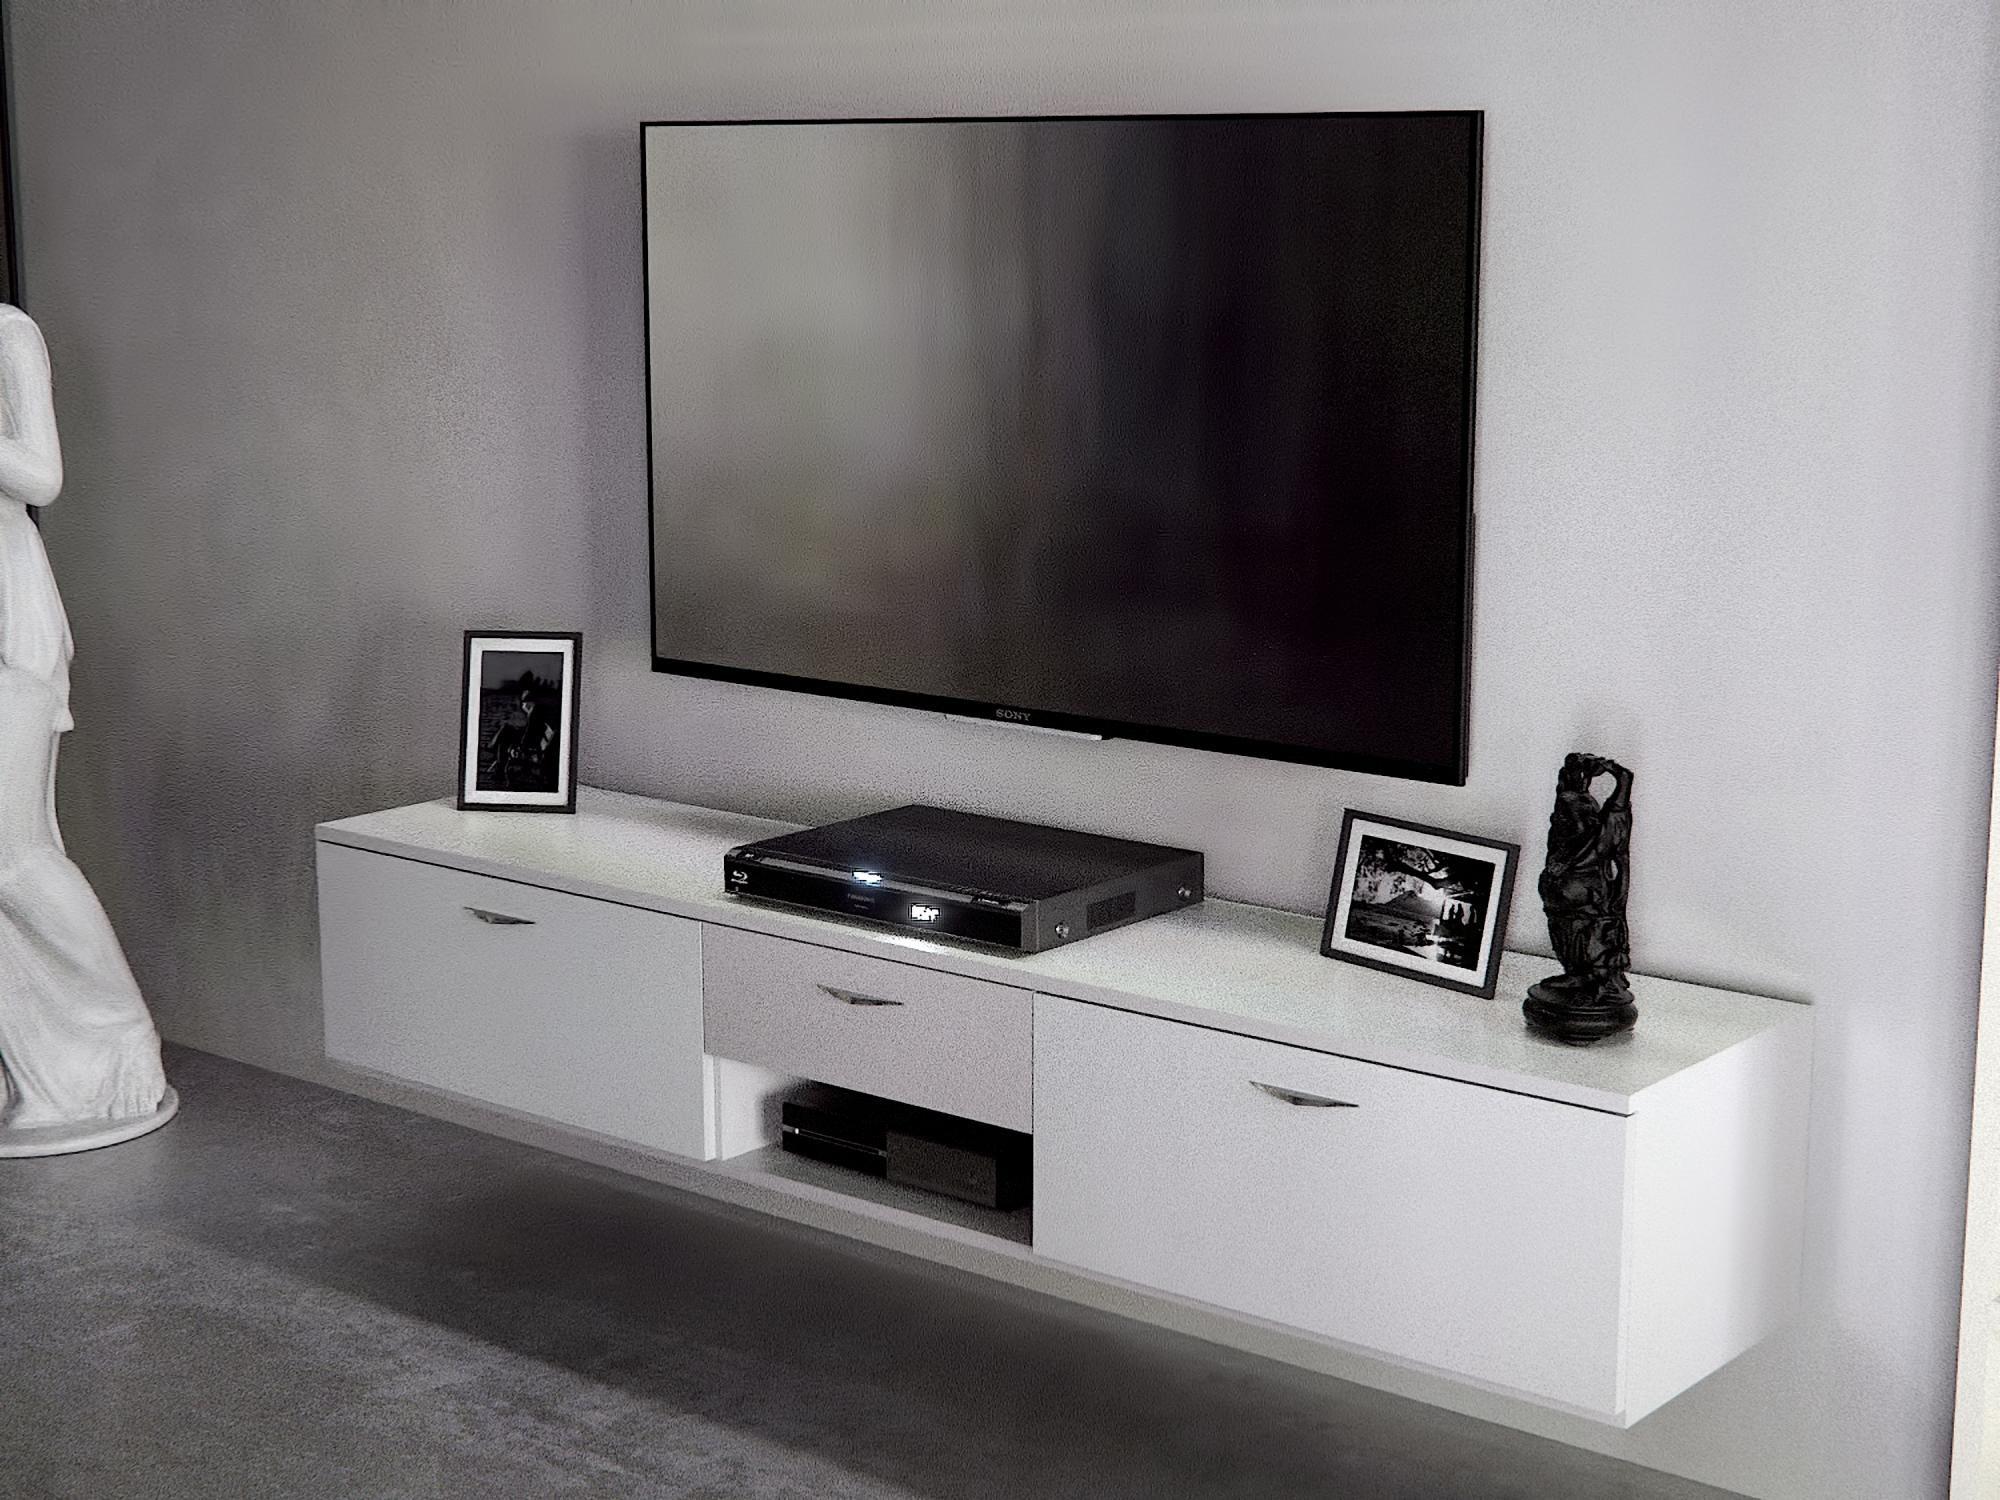 Domelia Rangements Gt Living Decoration Interieur Design Architecte Interieur Amenagement Interieur